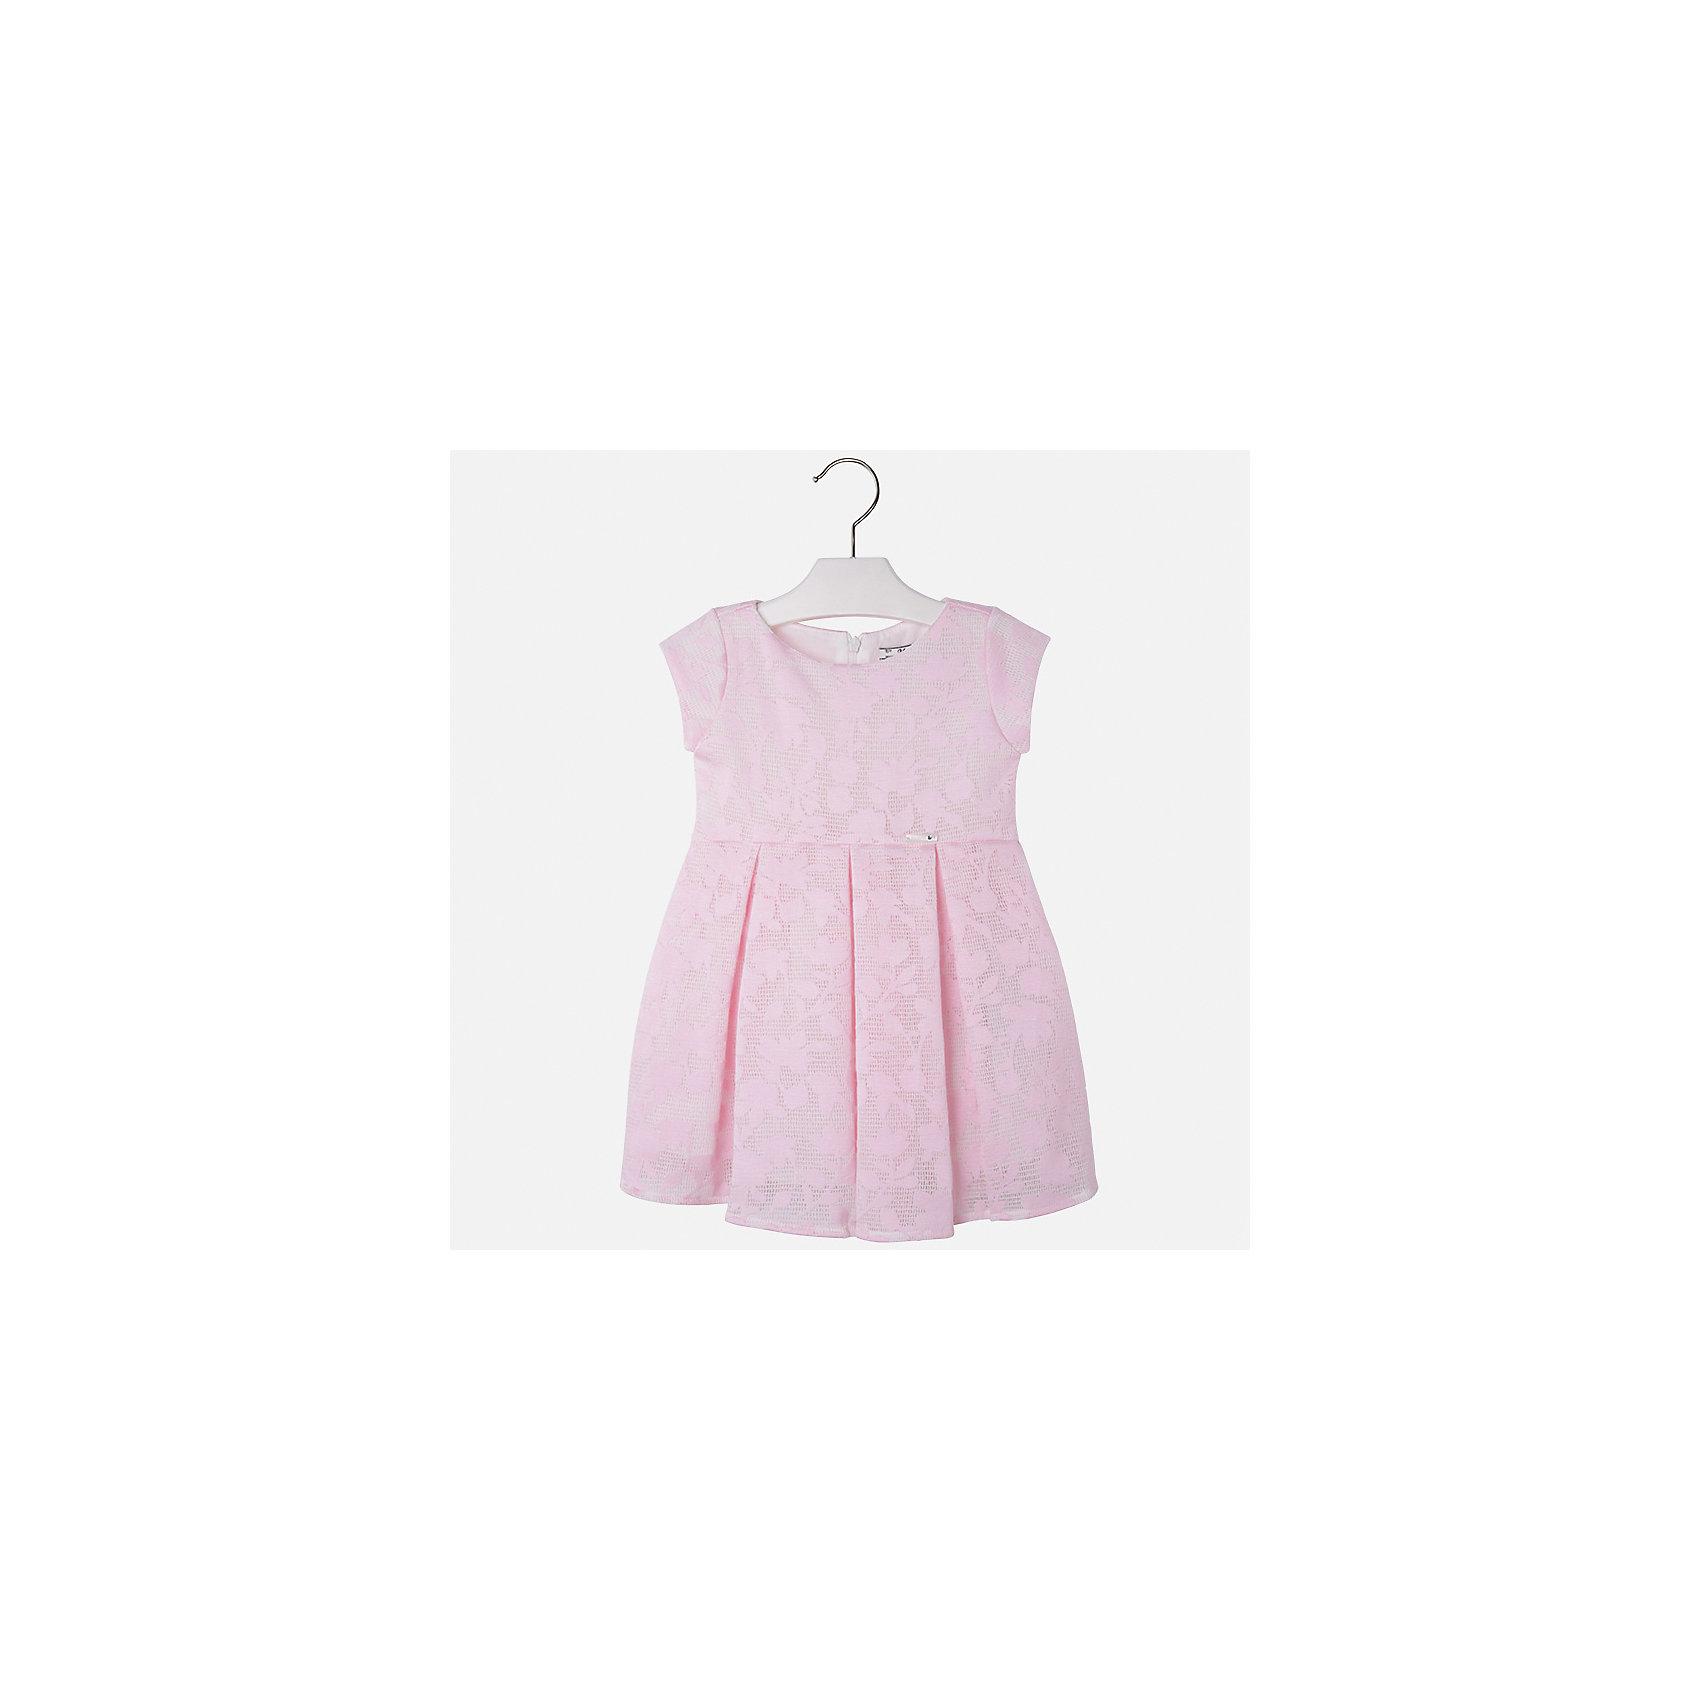 Платье для девочки MayoralОдежда<br>Характеристики товара:<br><br>• цвет: розовый<br>• состав: 64% полиэстер, 36% вискоза, подкладка - 80% полиэстер, 20% хлопок<br>• застежка: молния<br>• легкий материал<br>• набивной рисунок<br>• короткие рукава<br>• с подкладкой<br>• страна бренда: Испания<br><br>Красивое легкое платье для девочки поможет разнообразить гардероб ребенка и создать эффектный наряд. Оно подойдет и для торжественных случаев, может быть и как ежедневный наряд. Красивый оттенок позволяет подобрать к вещи обувь разных расцветок. В составе материала подкладки - натуральный хлопок, гипоаллергенный, приятный на ощупь, дышащий. Платье хорошо сидит по фигуре.<br><br>Одежда, обувь и аксессуары от испанского бренда Mayoral полюбились детям и взрослым по всему миру. Модели этой марки - стильные и удобные. Для их производства используются только безопасные, качественные материалы и фурнитура. Порадуйте ребенка модными и красивыми вещами от Mayoral! <br><br>Платье для девочки от испанского бренда Mayoral (Майорал) можно купить в нашем интернет-магазине.<br><br>Ширина мм: 236<br>Глубина мм: 16<br>Высота мм: 184<br>Вес г: 177<br>Цвет: розовый<br>Возраст от месяцев: 36<br>Возраст до месяцев: 48<br>Пол: Женский<br>Возраст: Детский<br>Размер: 104,110,116,122,128,98,134<br>SKU: 5290991